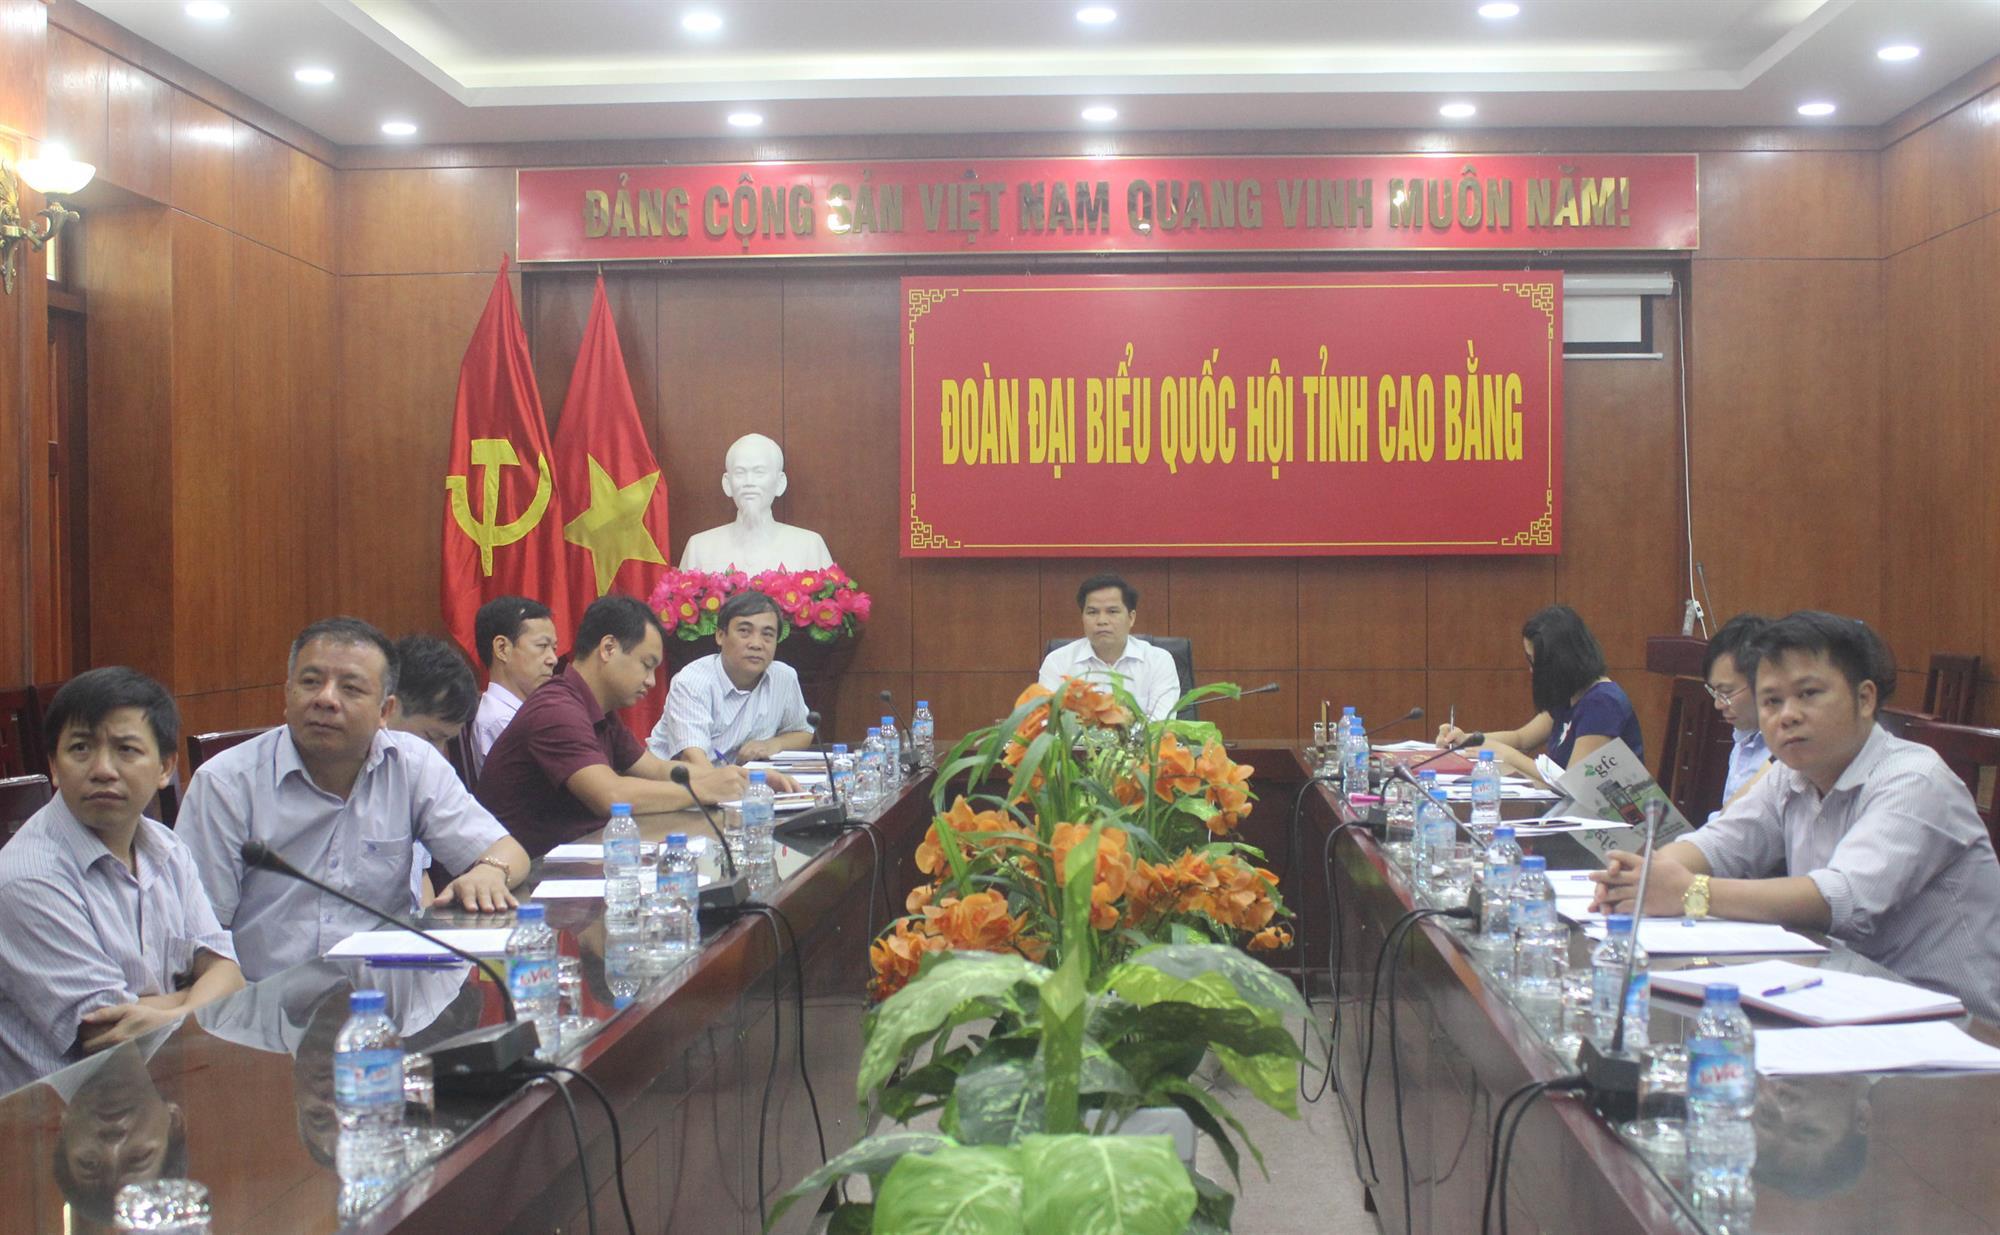 Bộ trưởng Bộ Xây dựng trả lời chất vấn công tác quản lý nhà nước về quy hoạch xây dựng